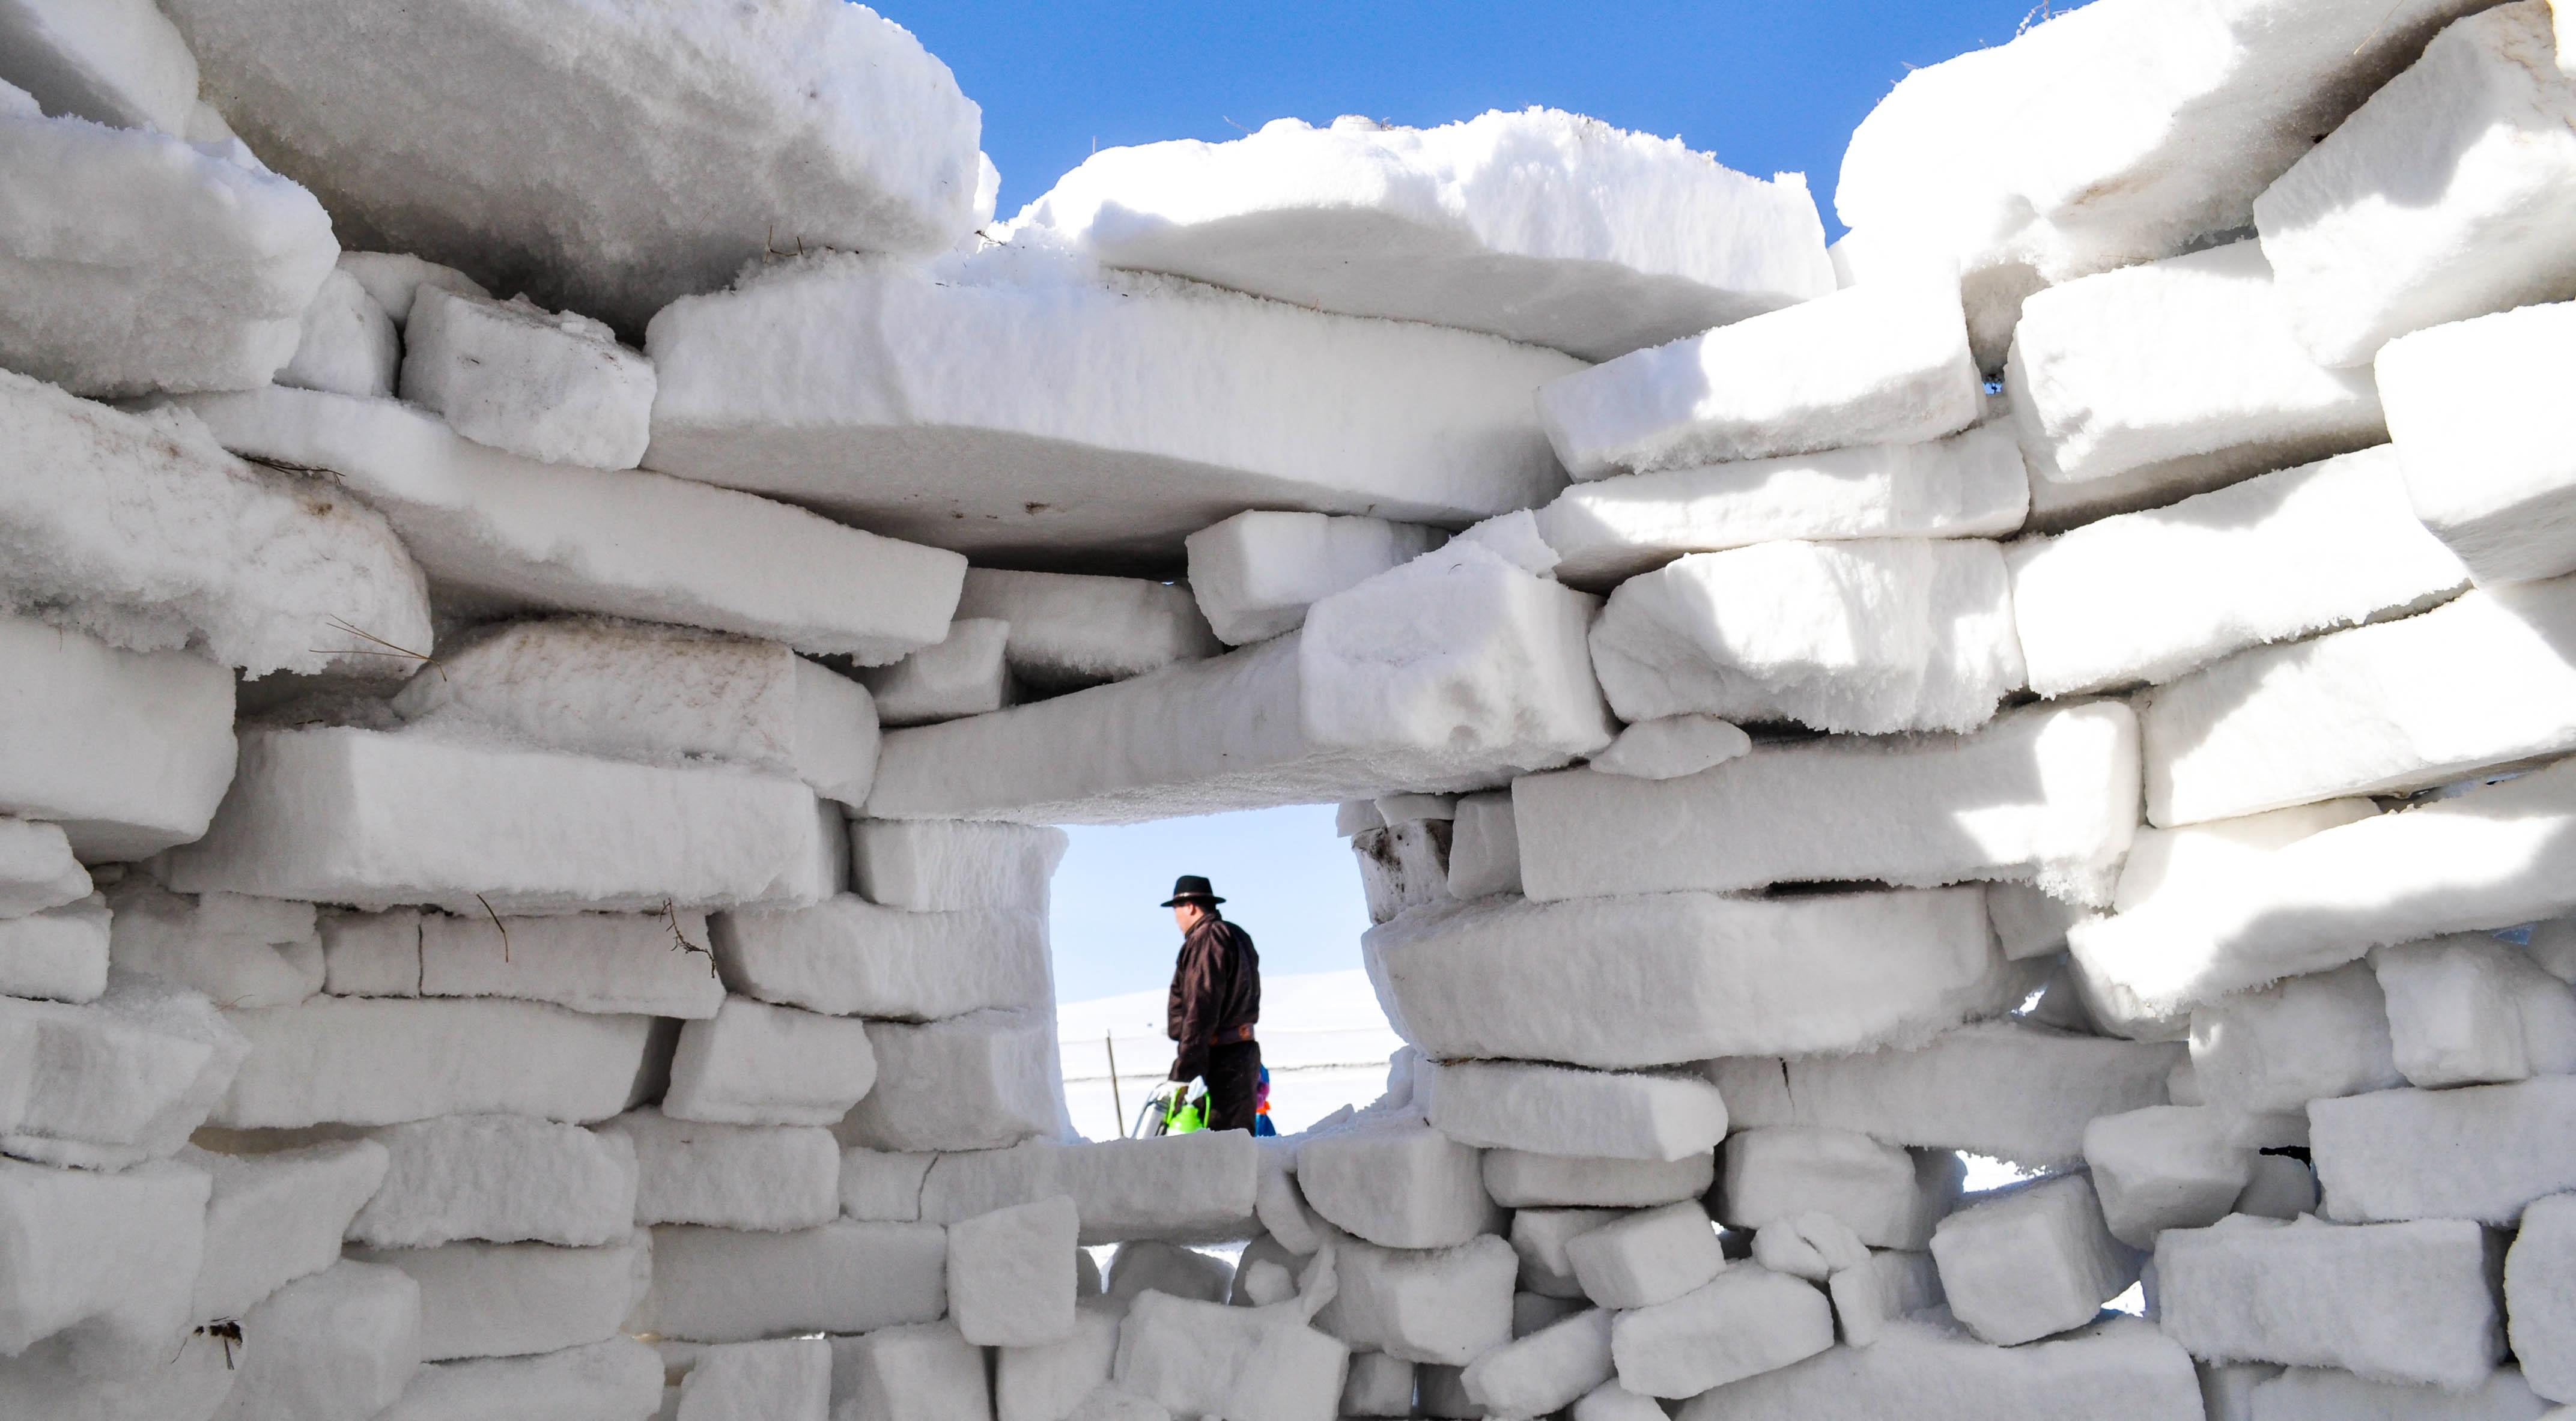 чаще стена снега картинки как вам